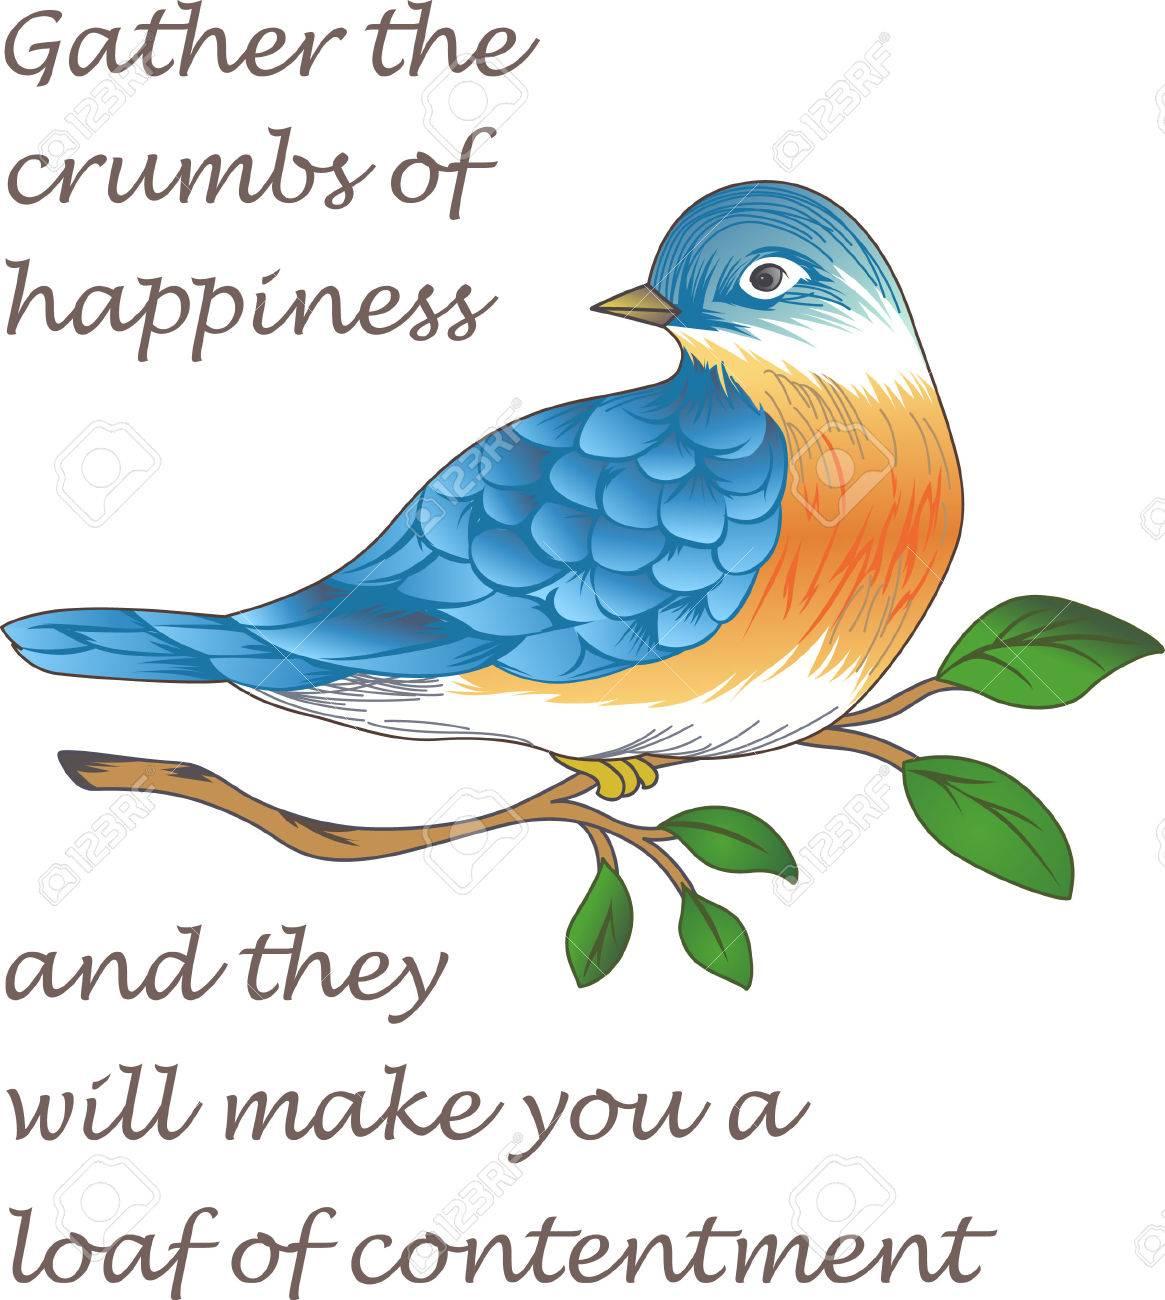 Buongiorno Sole Questo Uccello Azzurro Di Felicità Sta Portando Una Tazza Di Caffè Perfetto Per Coloro Che Hanno Bisogno Di Quella Tazza Di Caffè